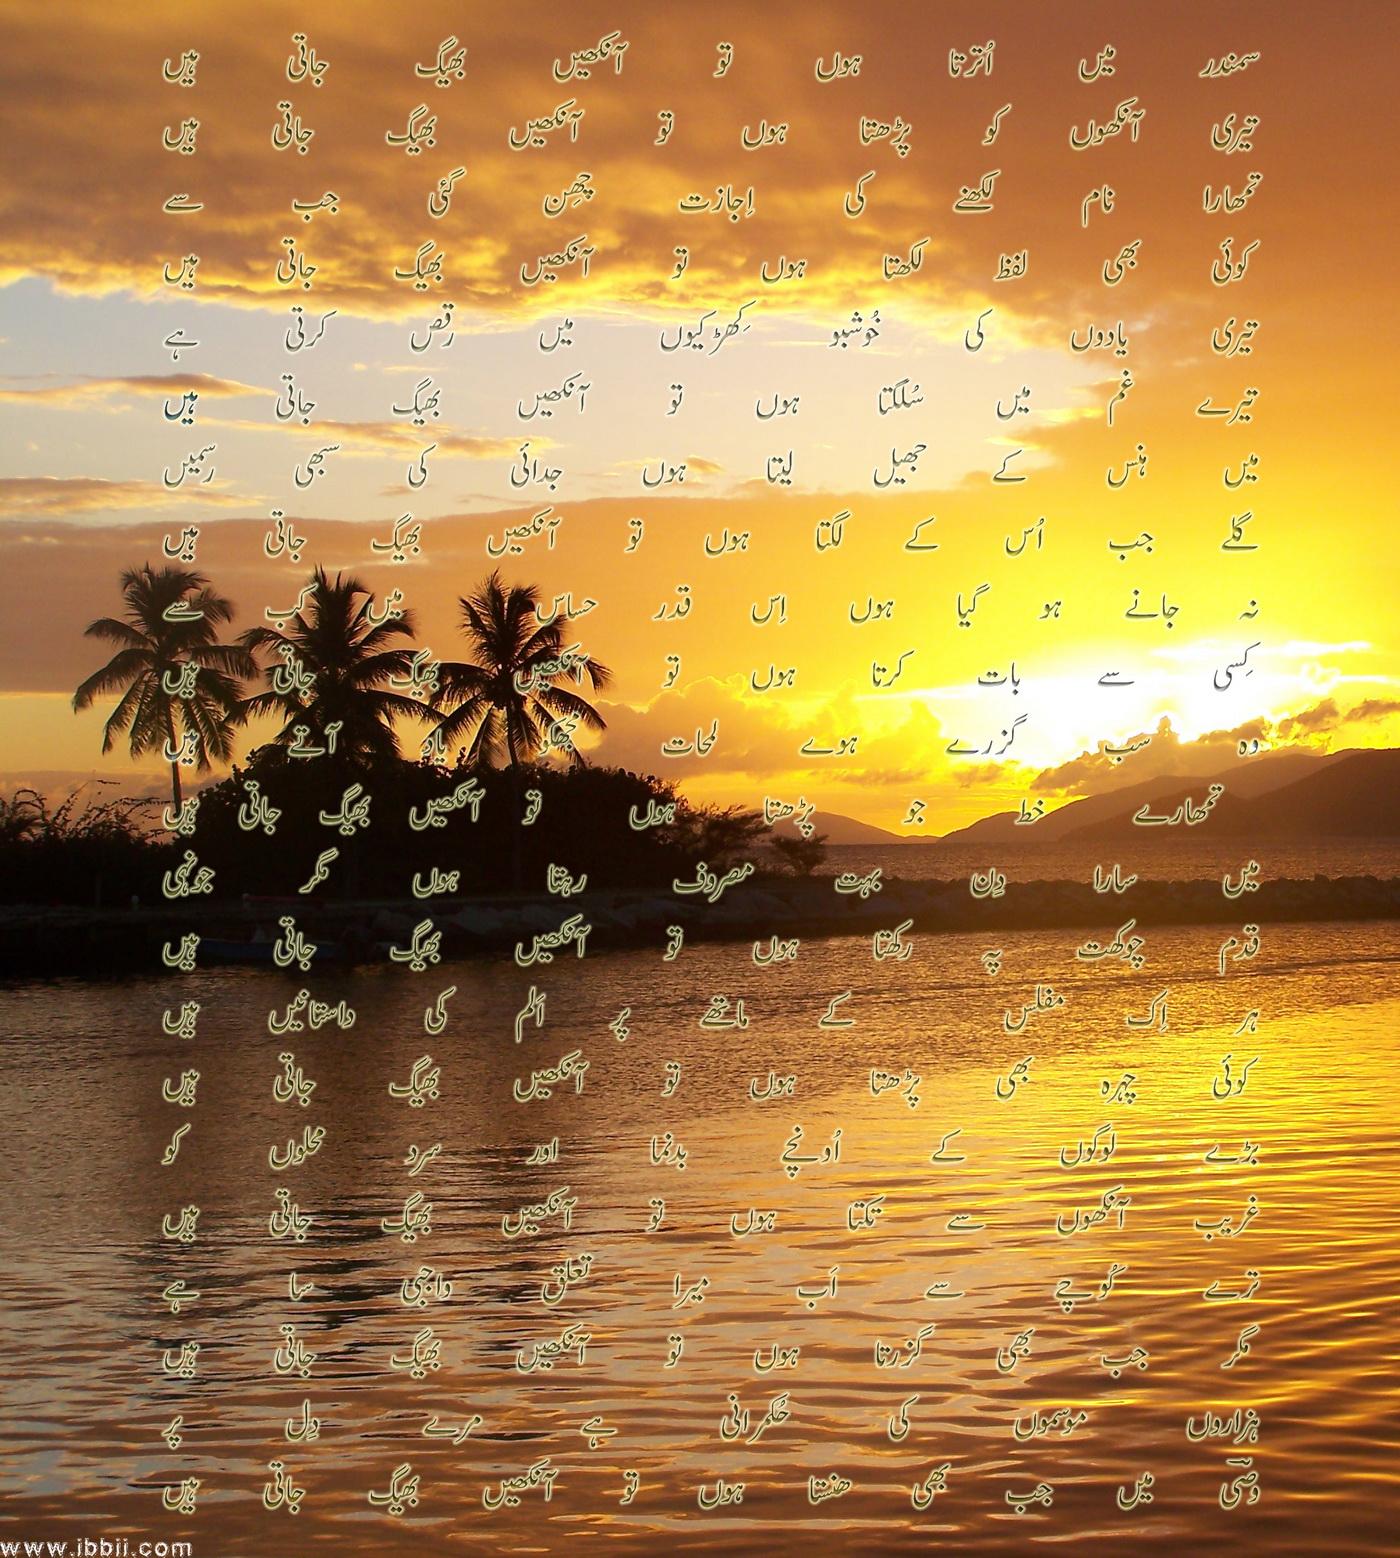 http://1.bp.blogspot.com/-vbXMlcM1Avg/TtT9pKLMX7I/AAAAAAAAGT8/UMrvQCgAJ_4/s1600/wasi-shah.jpg